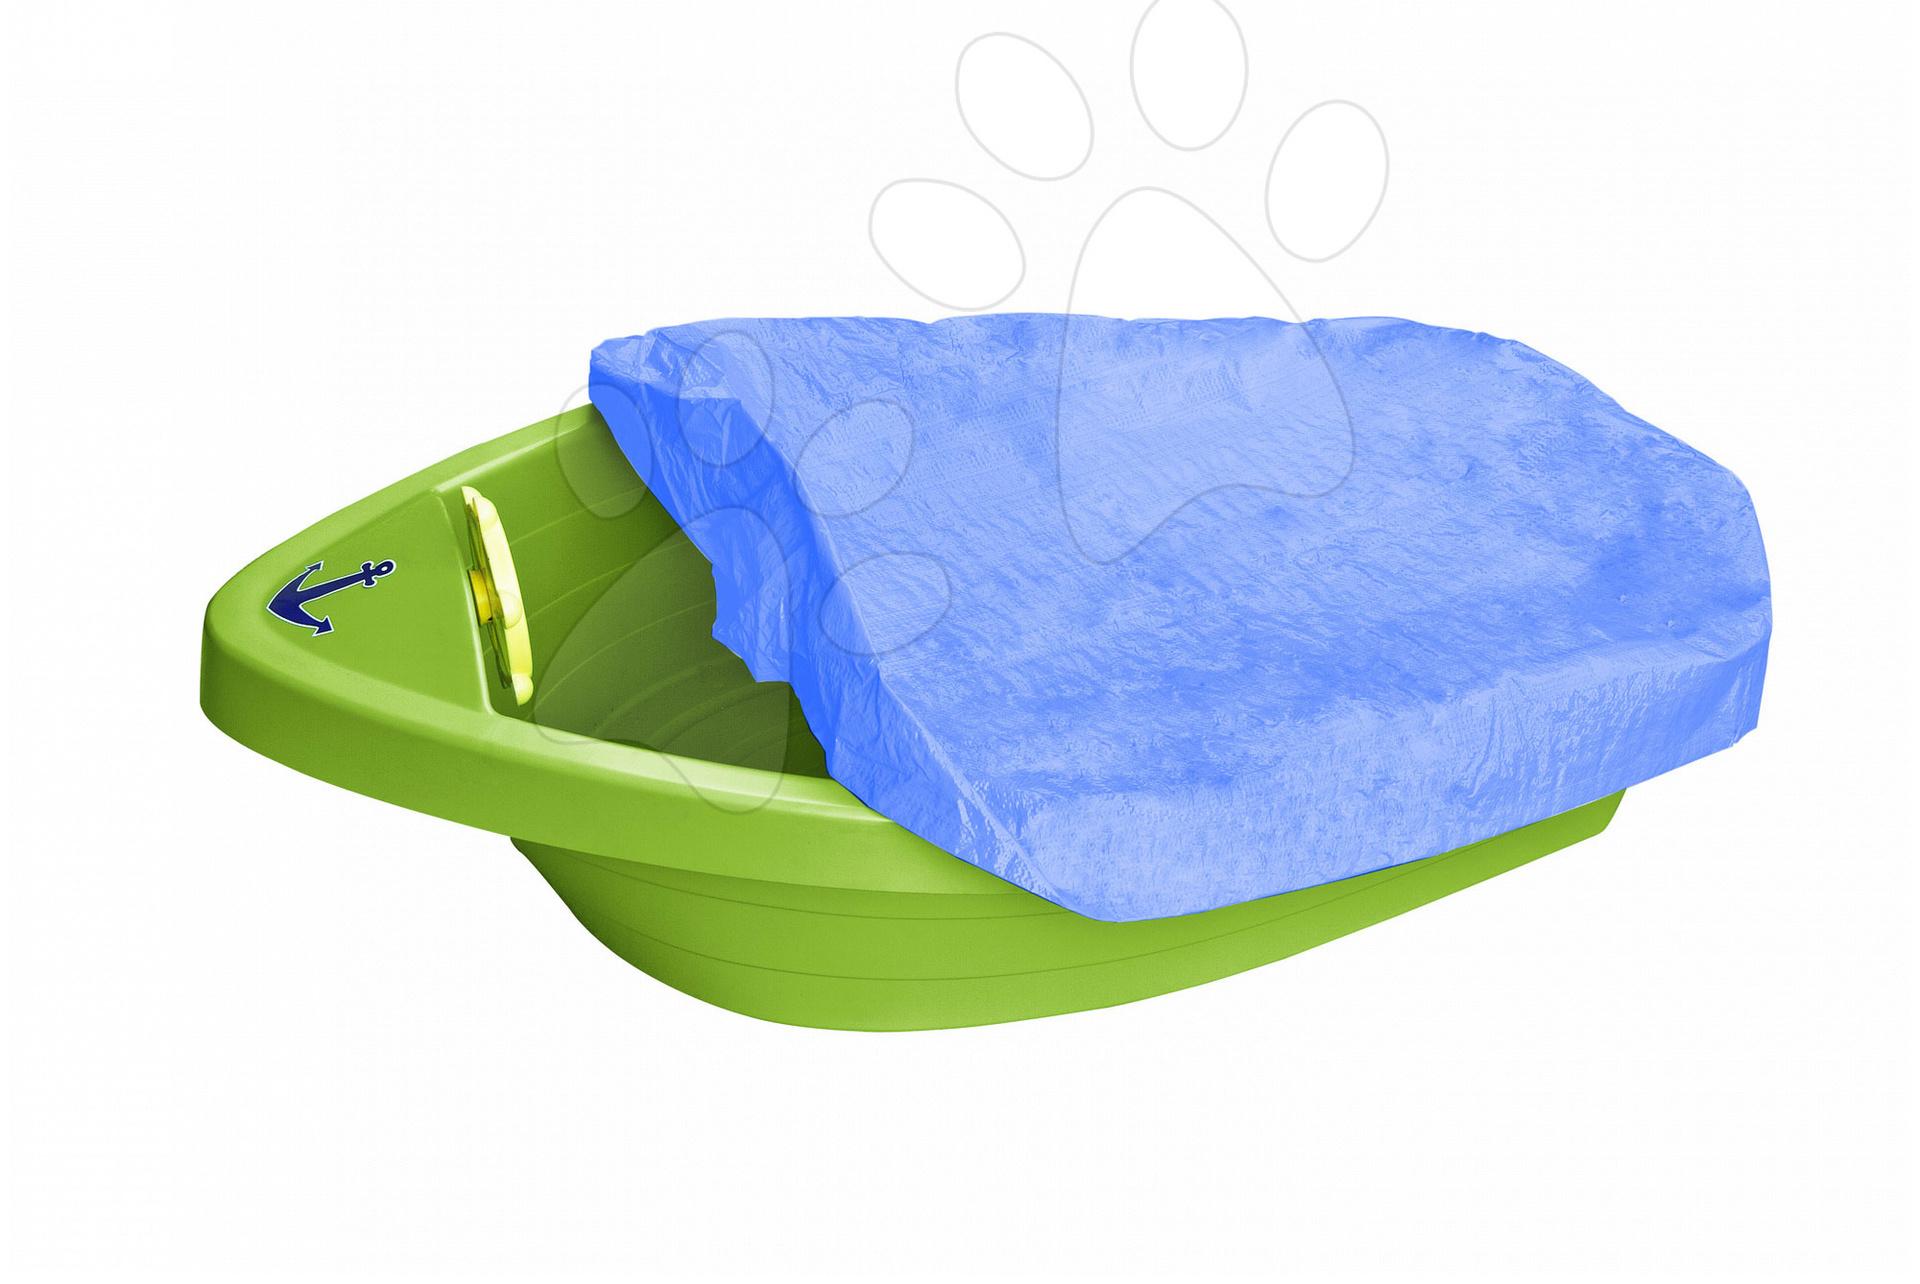 Pieskoviská pre deti - Pieskovisko loďka PalPlay s volantom a plachtou od 24 mes